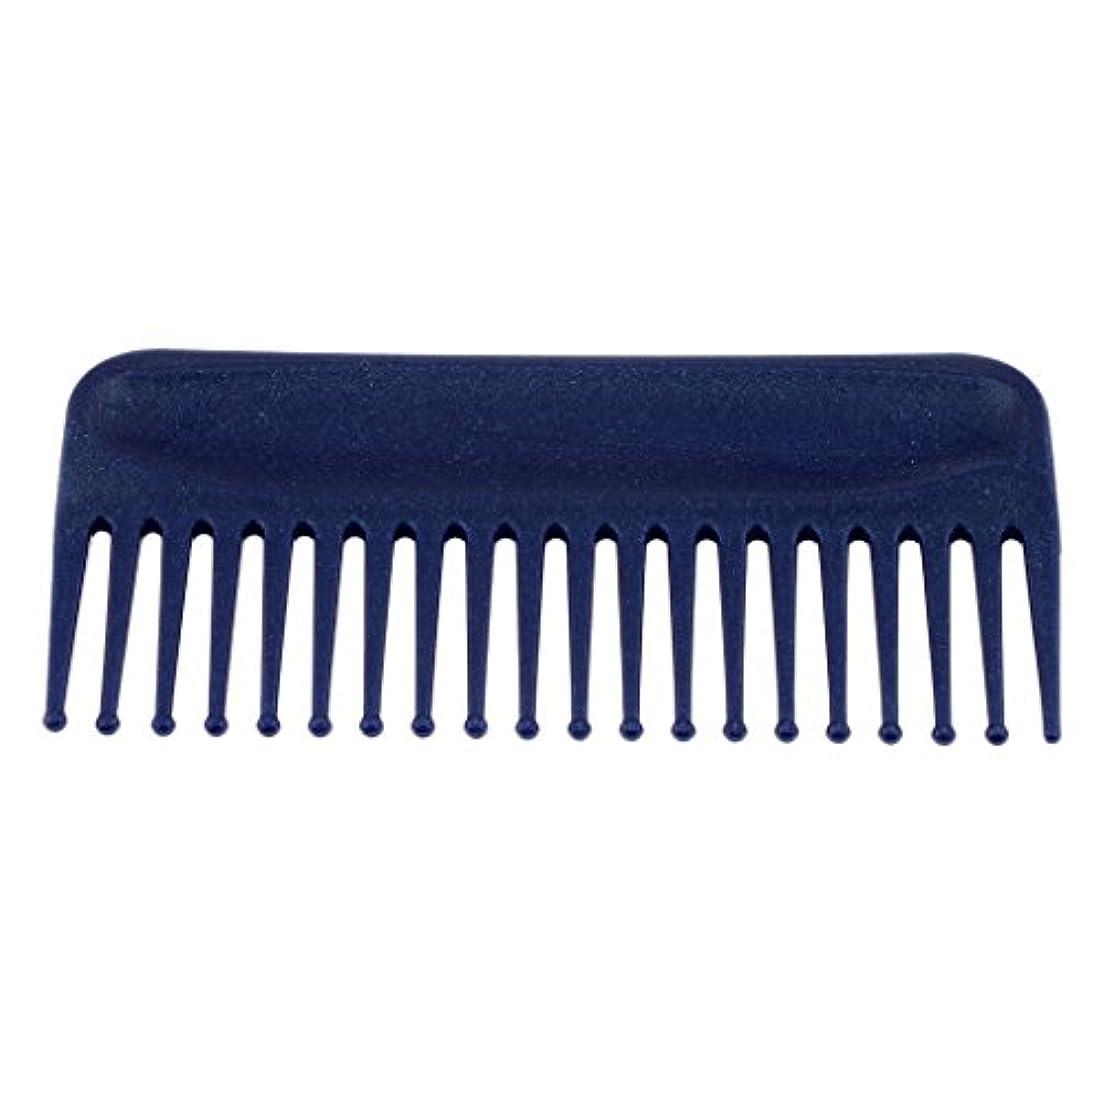 夏栄光の分離するヘアコーム サロン ヘアケア 脱毛ヘアコーム ヘアブラシ 耐熱性 帯電防止 頭皮 マッサージ 丸いヘッド 4色選べる - 青